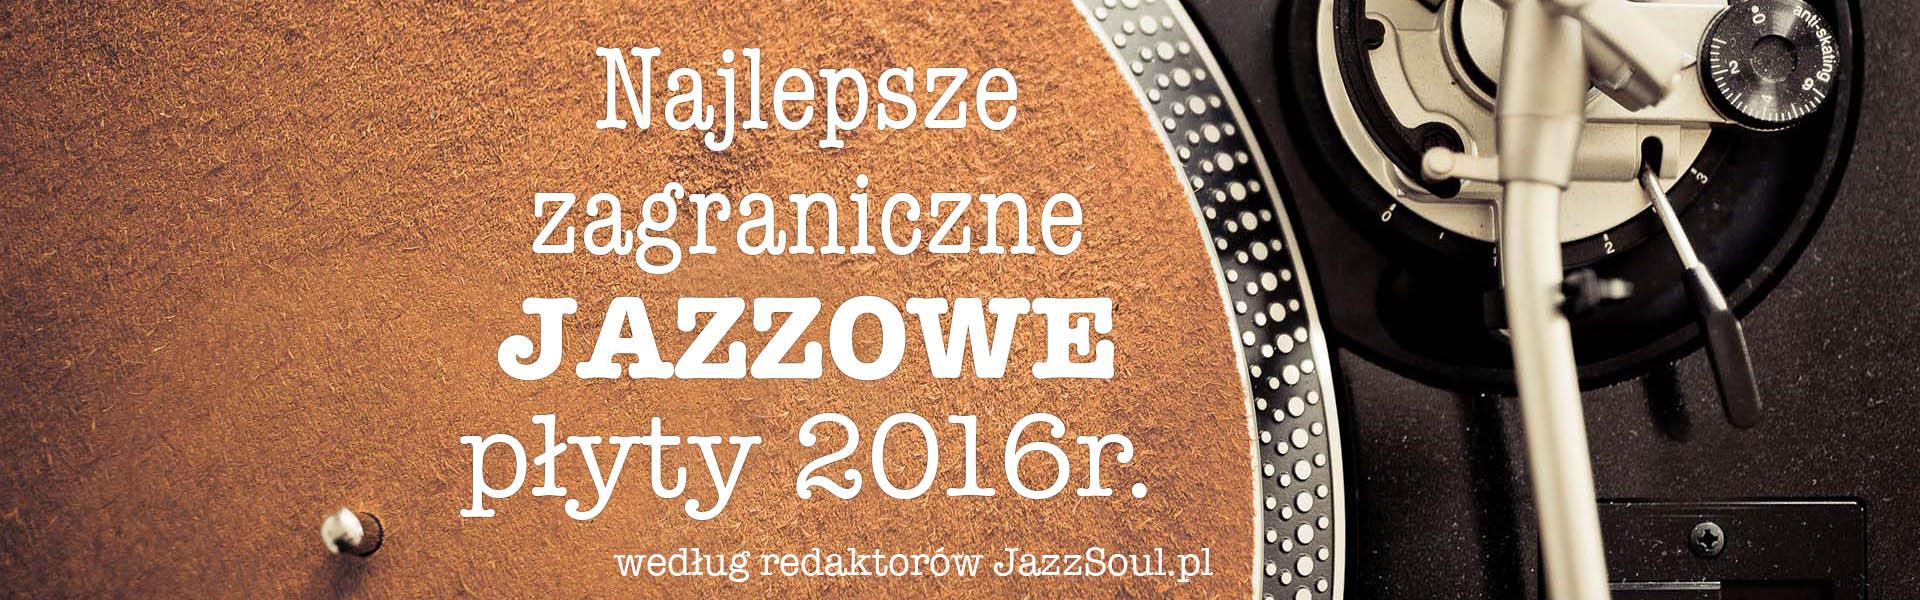 jazz-zagraniczne-podsumowanie 2016